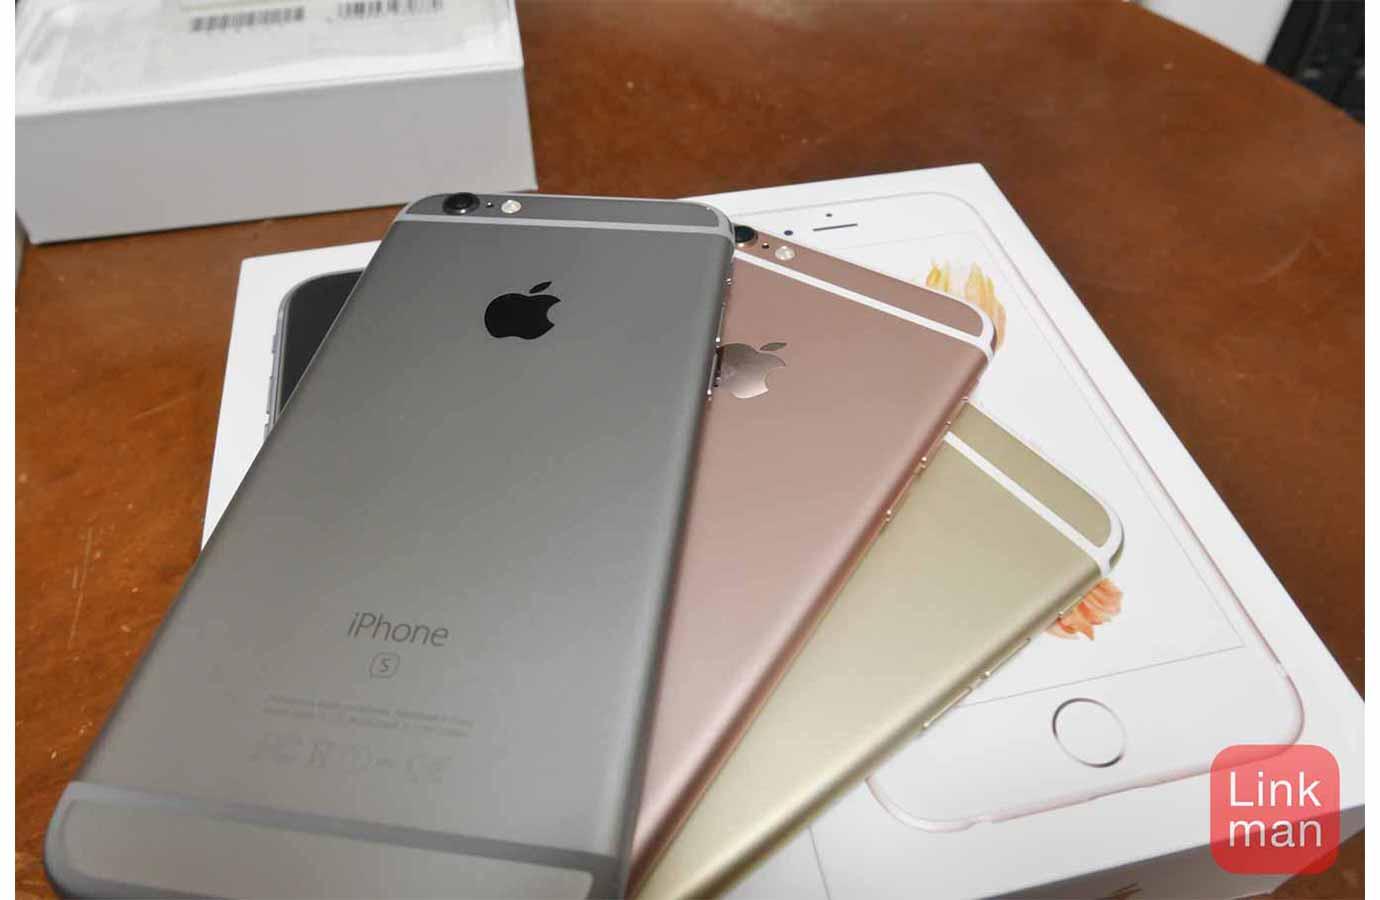 やはり「iPhone 7」ではデザインの変更はヘッドフォンジャック廃止など最小限に、2017年に大きな変更がある可能性が高い!?